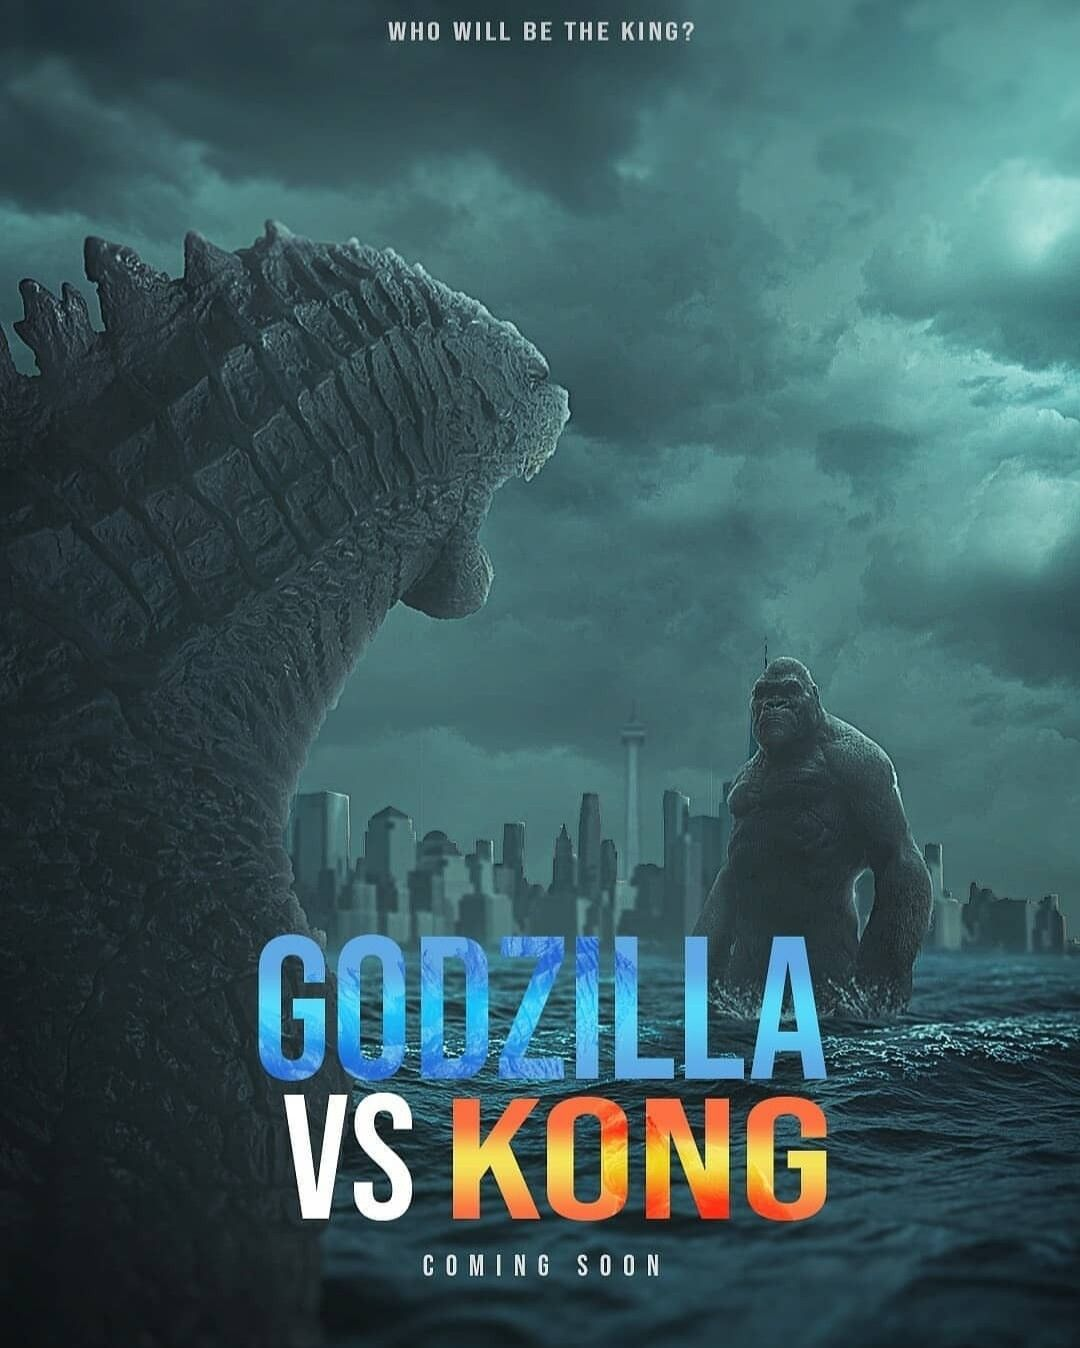 Pin By Fabiano Ferreira On Godzilla King Kong Vs Godzilla Godzilla Kong Movie